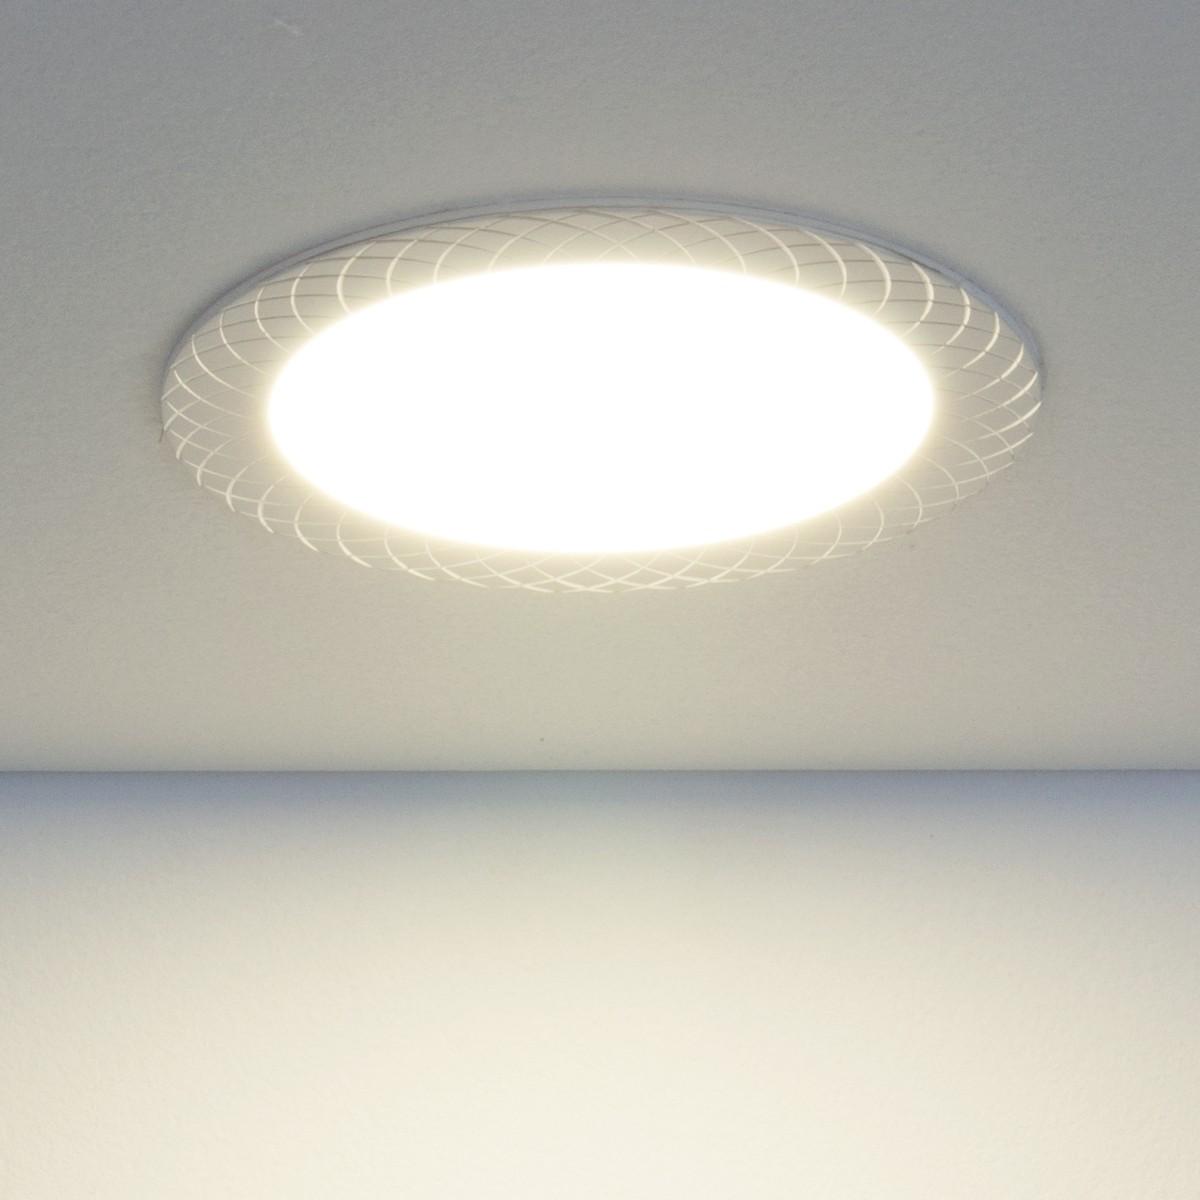 Фото Встраиваемый светильник Downlight a035363